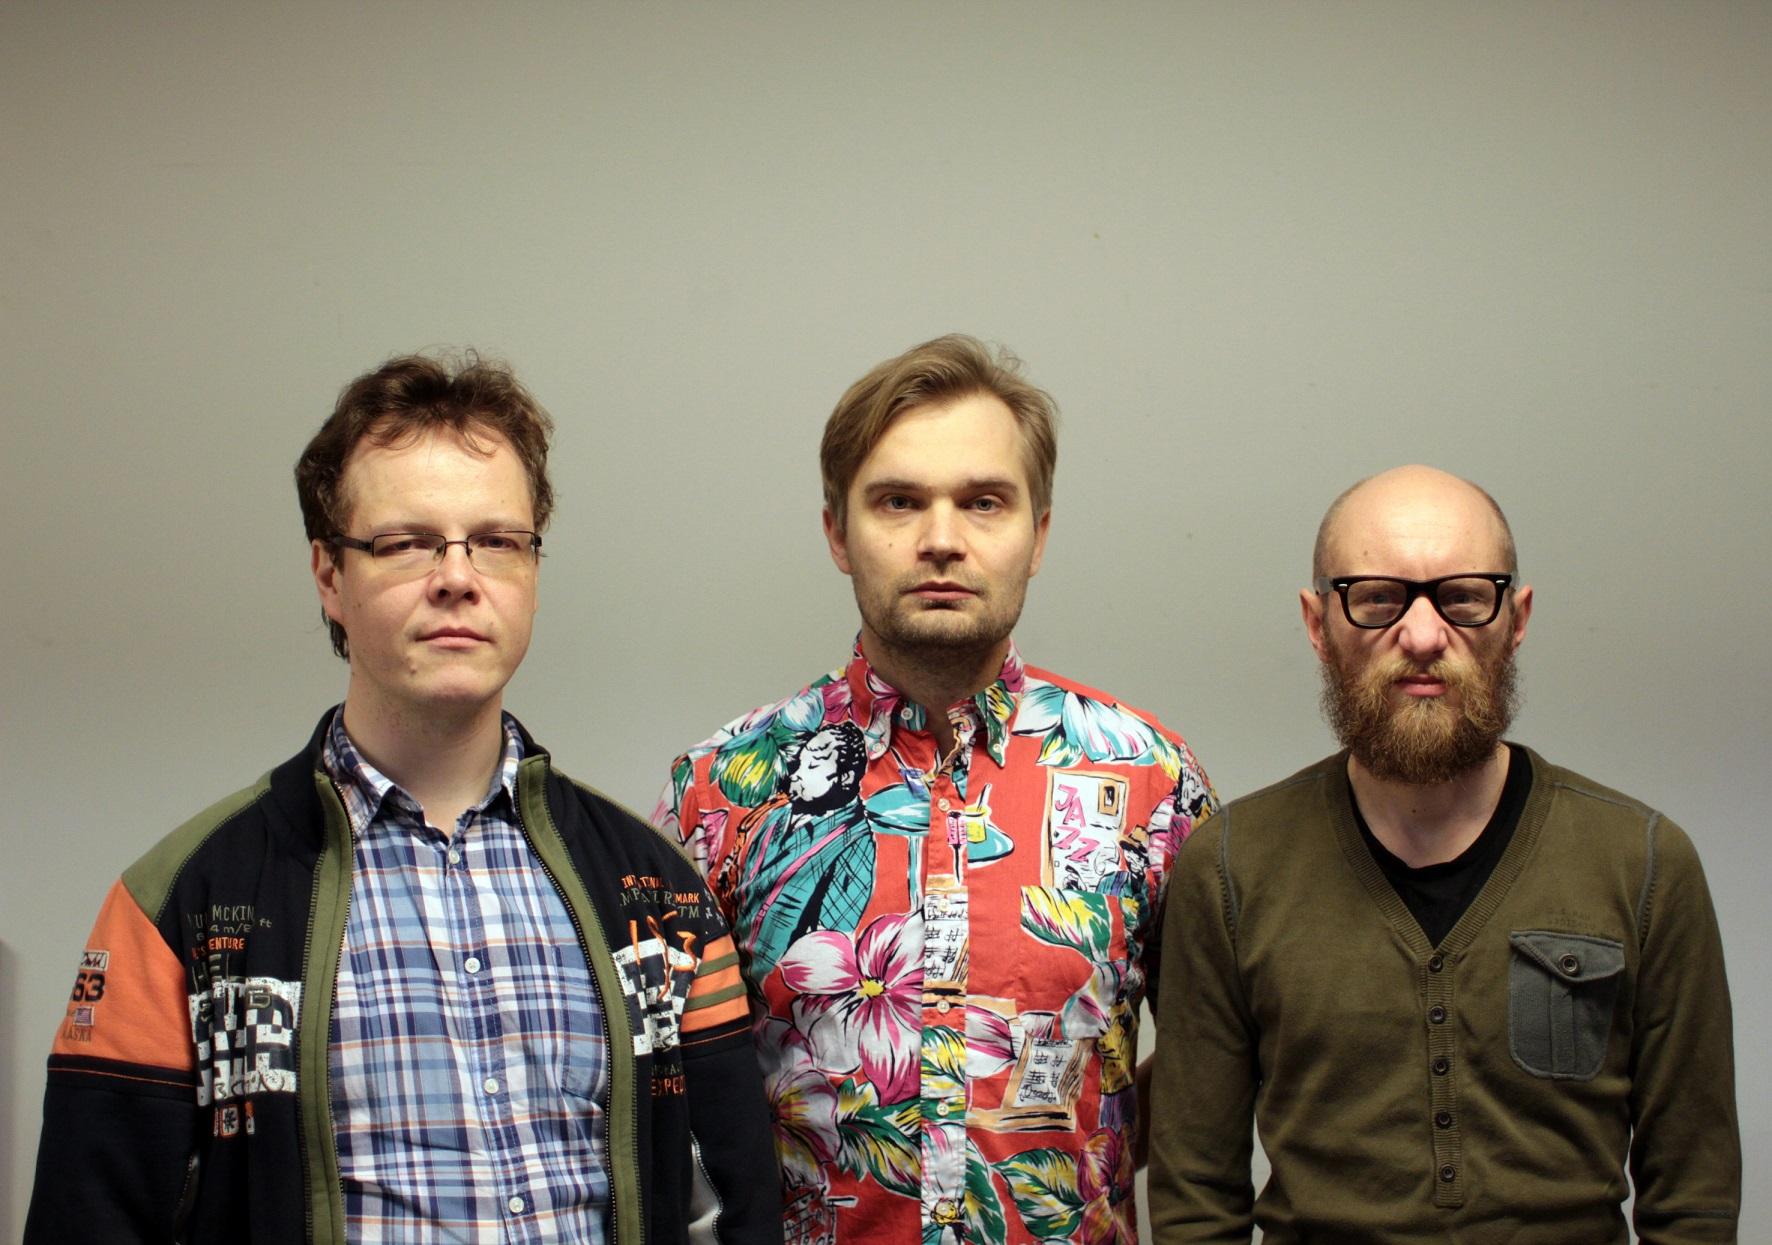 Veli Kujala, Mikko Innanen, Mika Kallio -kuva: M. Innanen